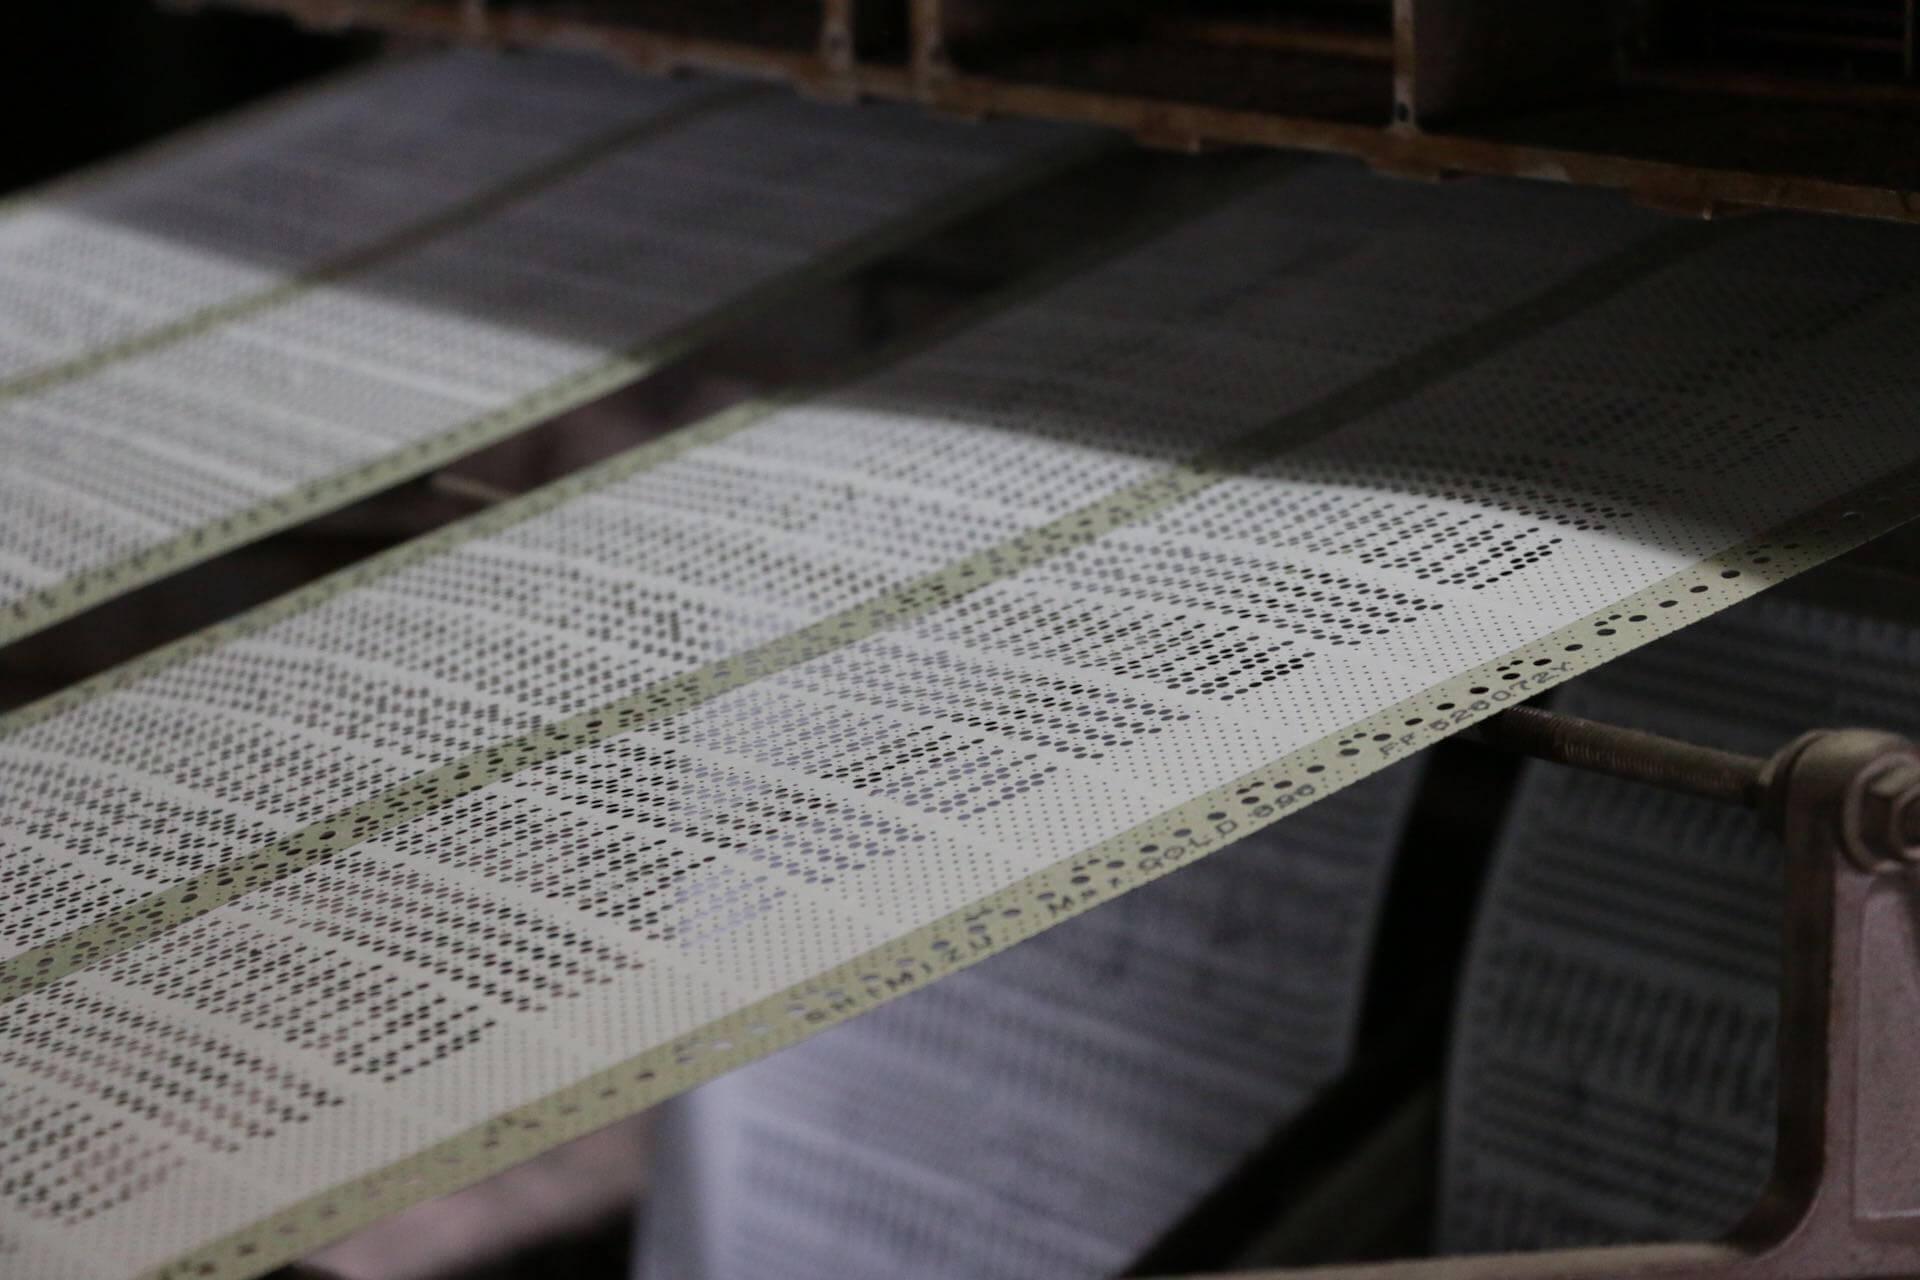 紋紙を機械が読み込んでいく様子